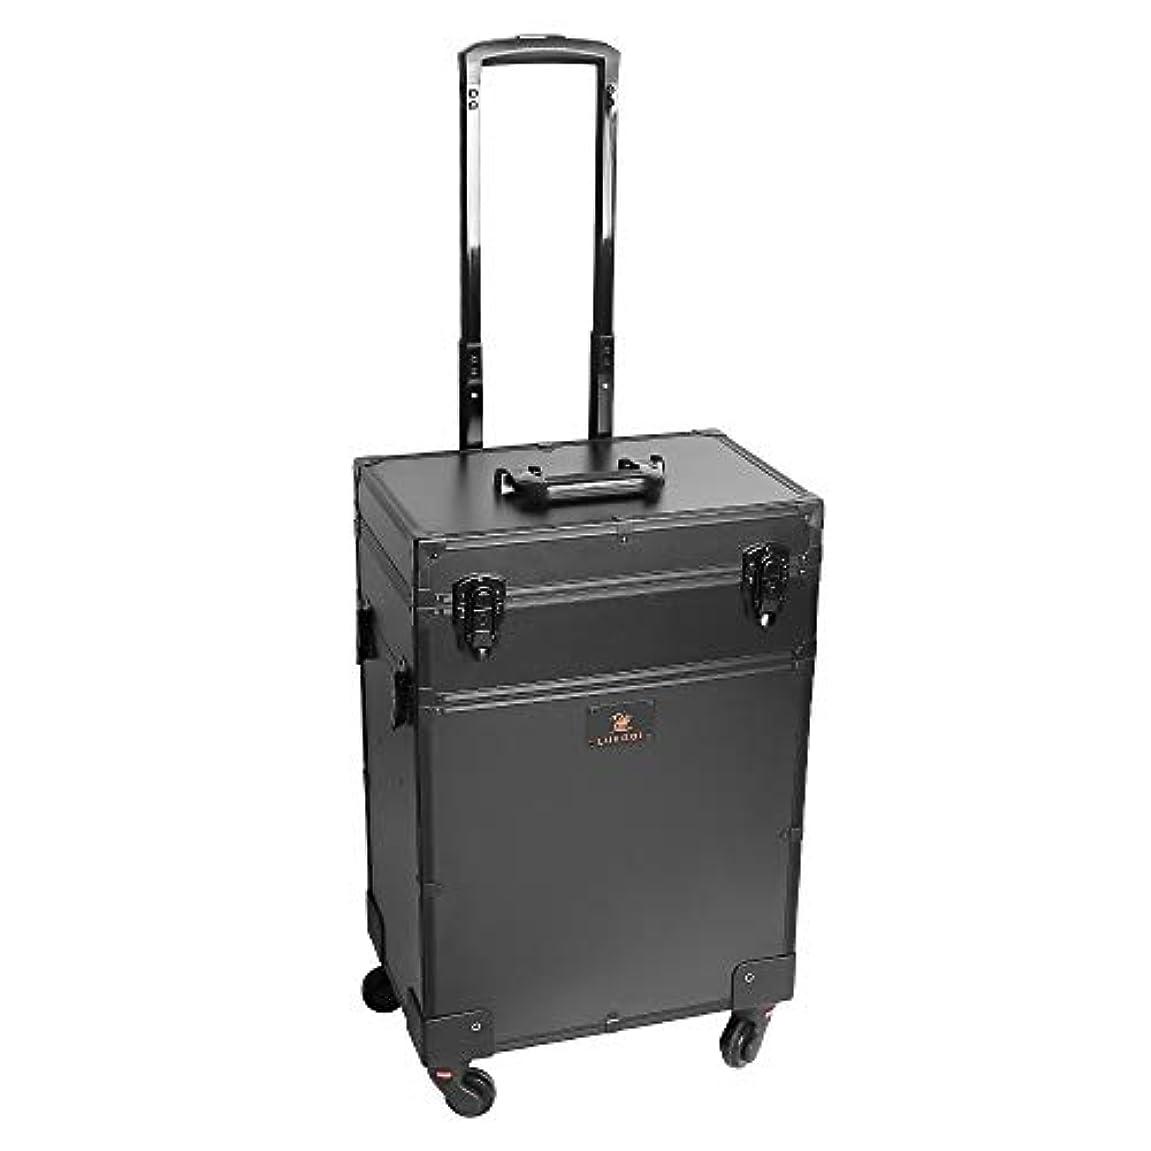 処方する吸収南方のLUVODI メイクボックス 鏡付き 大容量 プロ用 メイクキャリーケース ミニドレッサー付き 鍵付き 持ち運び 美容師 業務 旅行 コスメ収納ボックス 化粧箱 ブラック